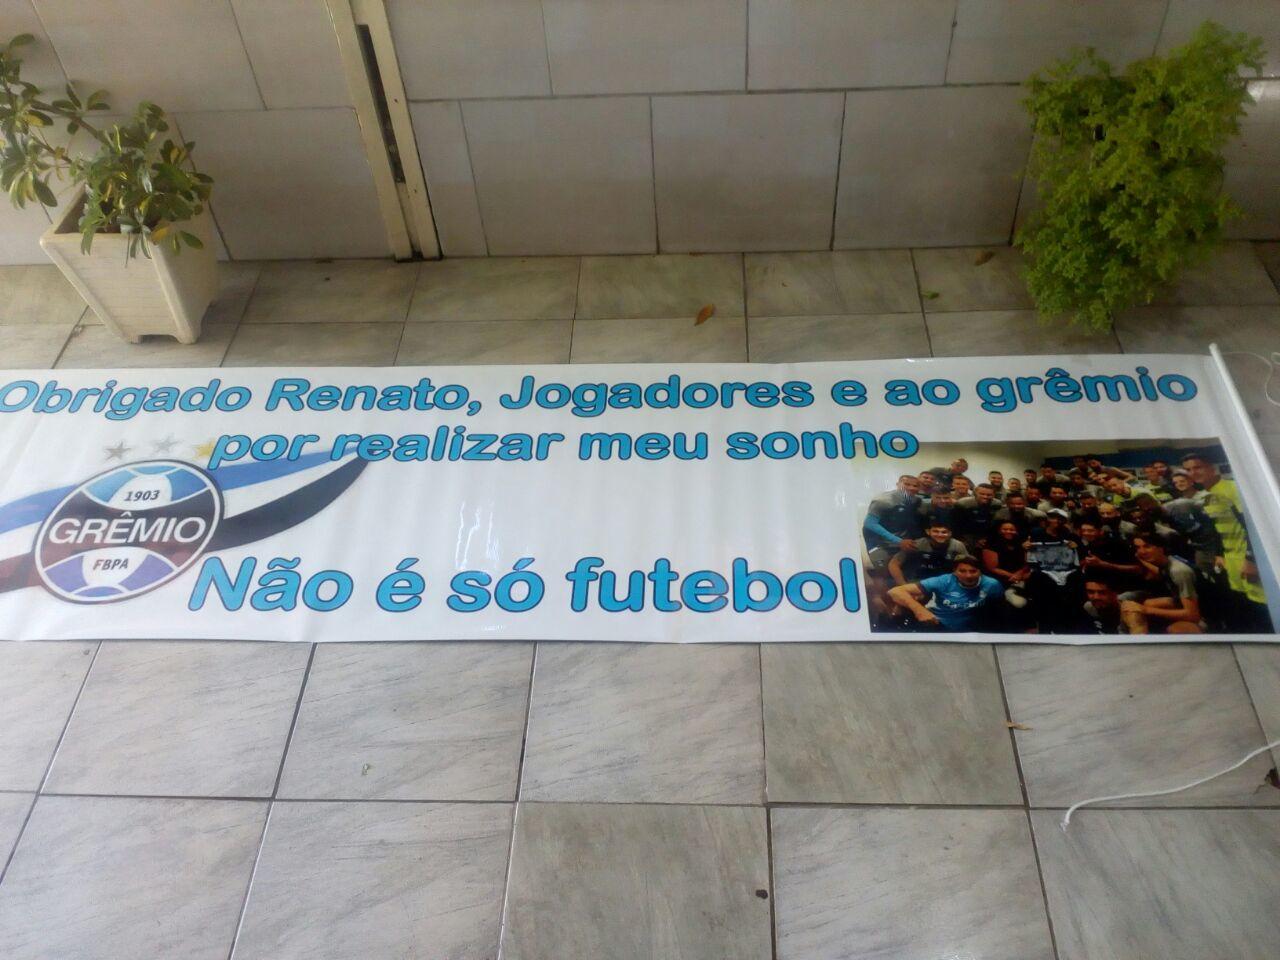 ESPN diz que Grêmio teria usado drone para espionar o Lanús